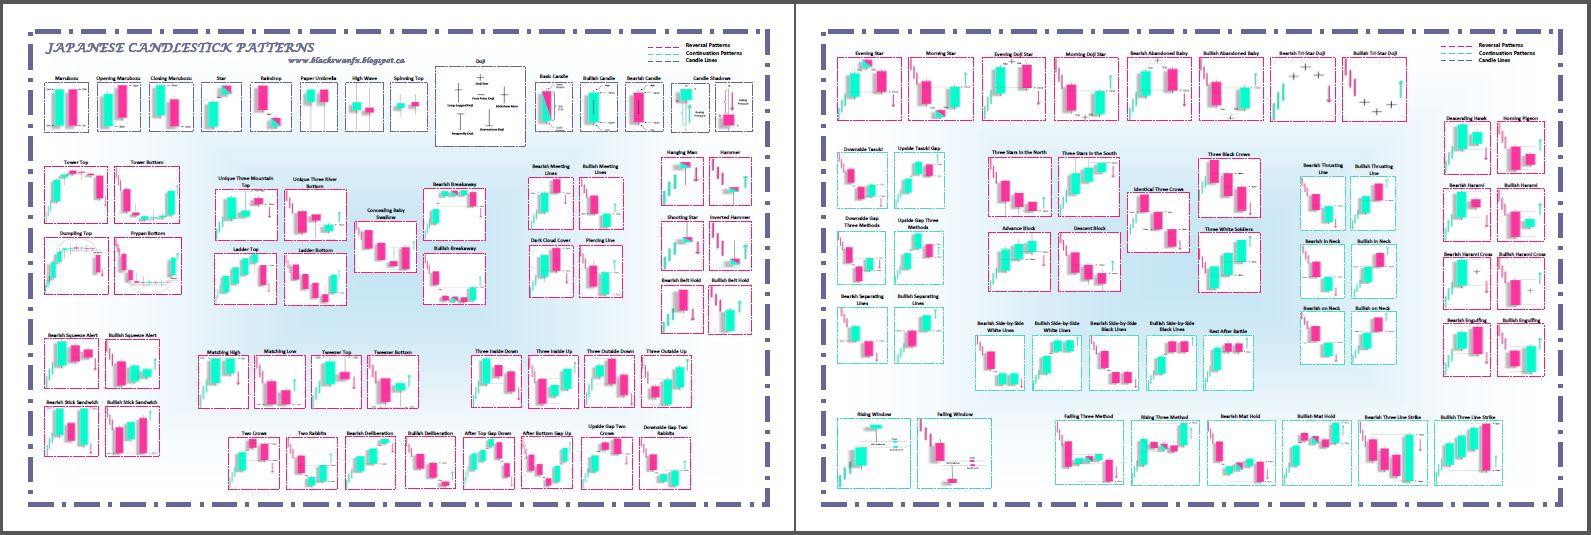 Bináris opciók stratégiai kereskedői tippek opció gamma az